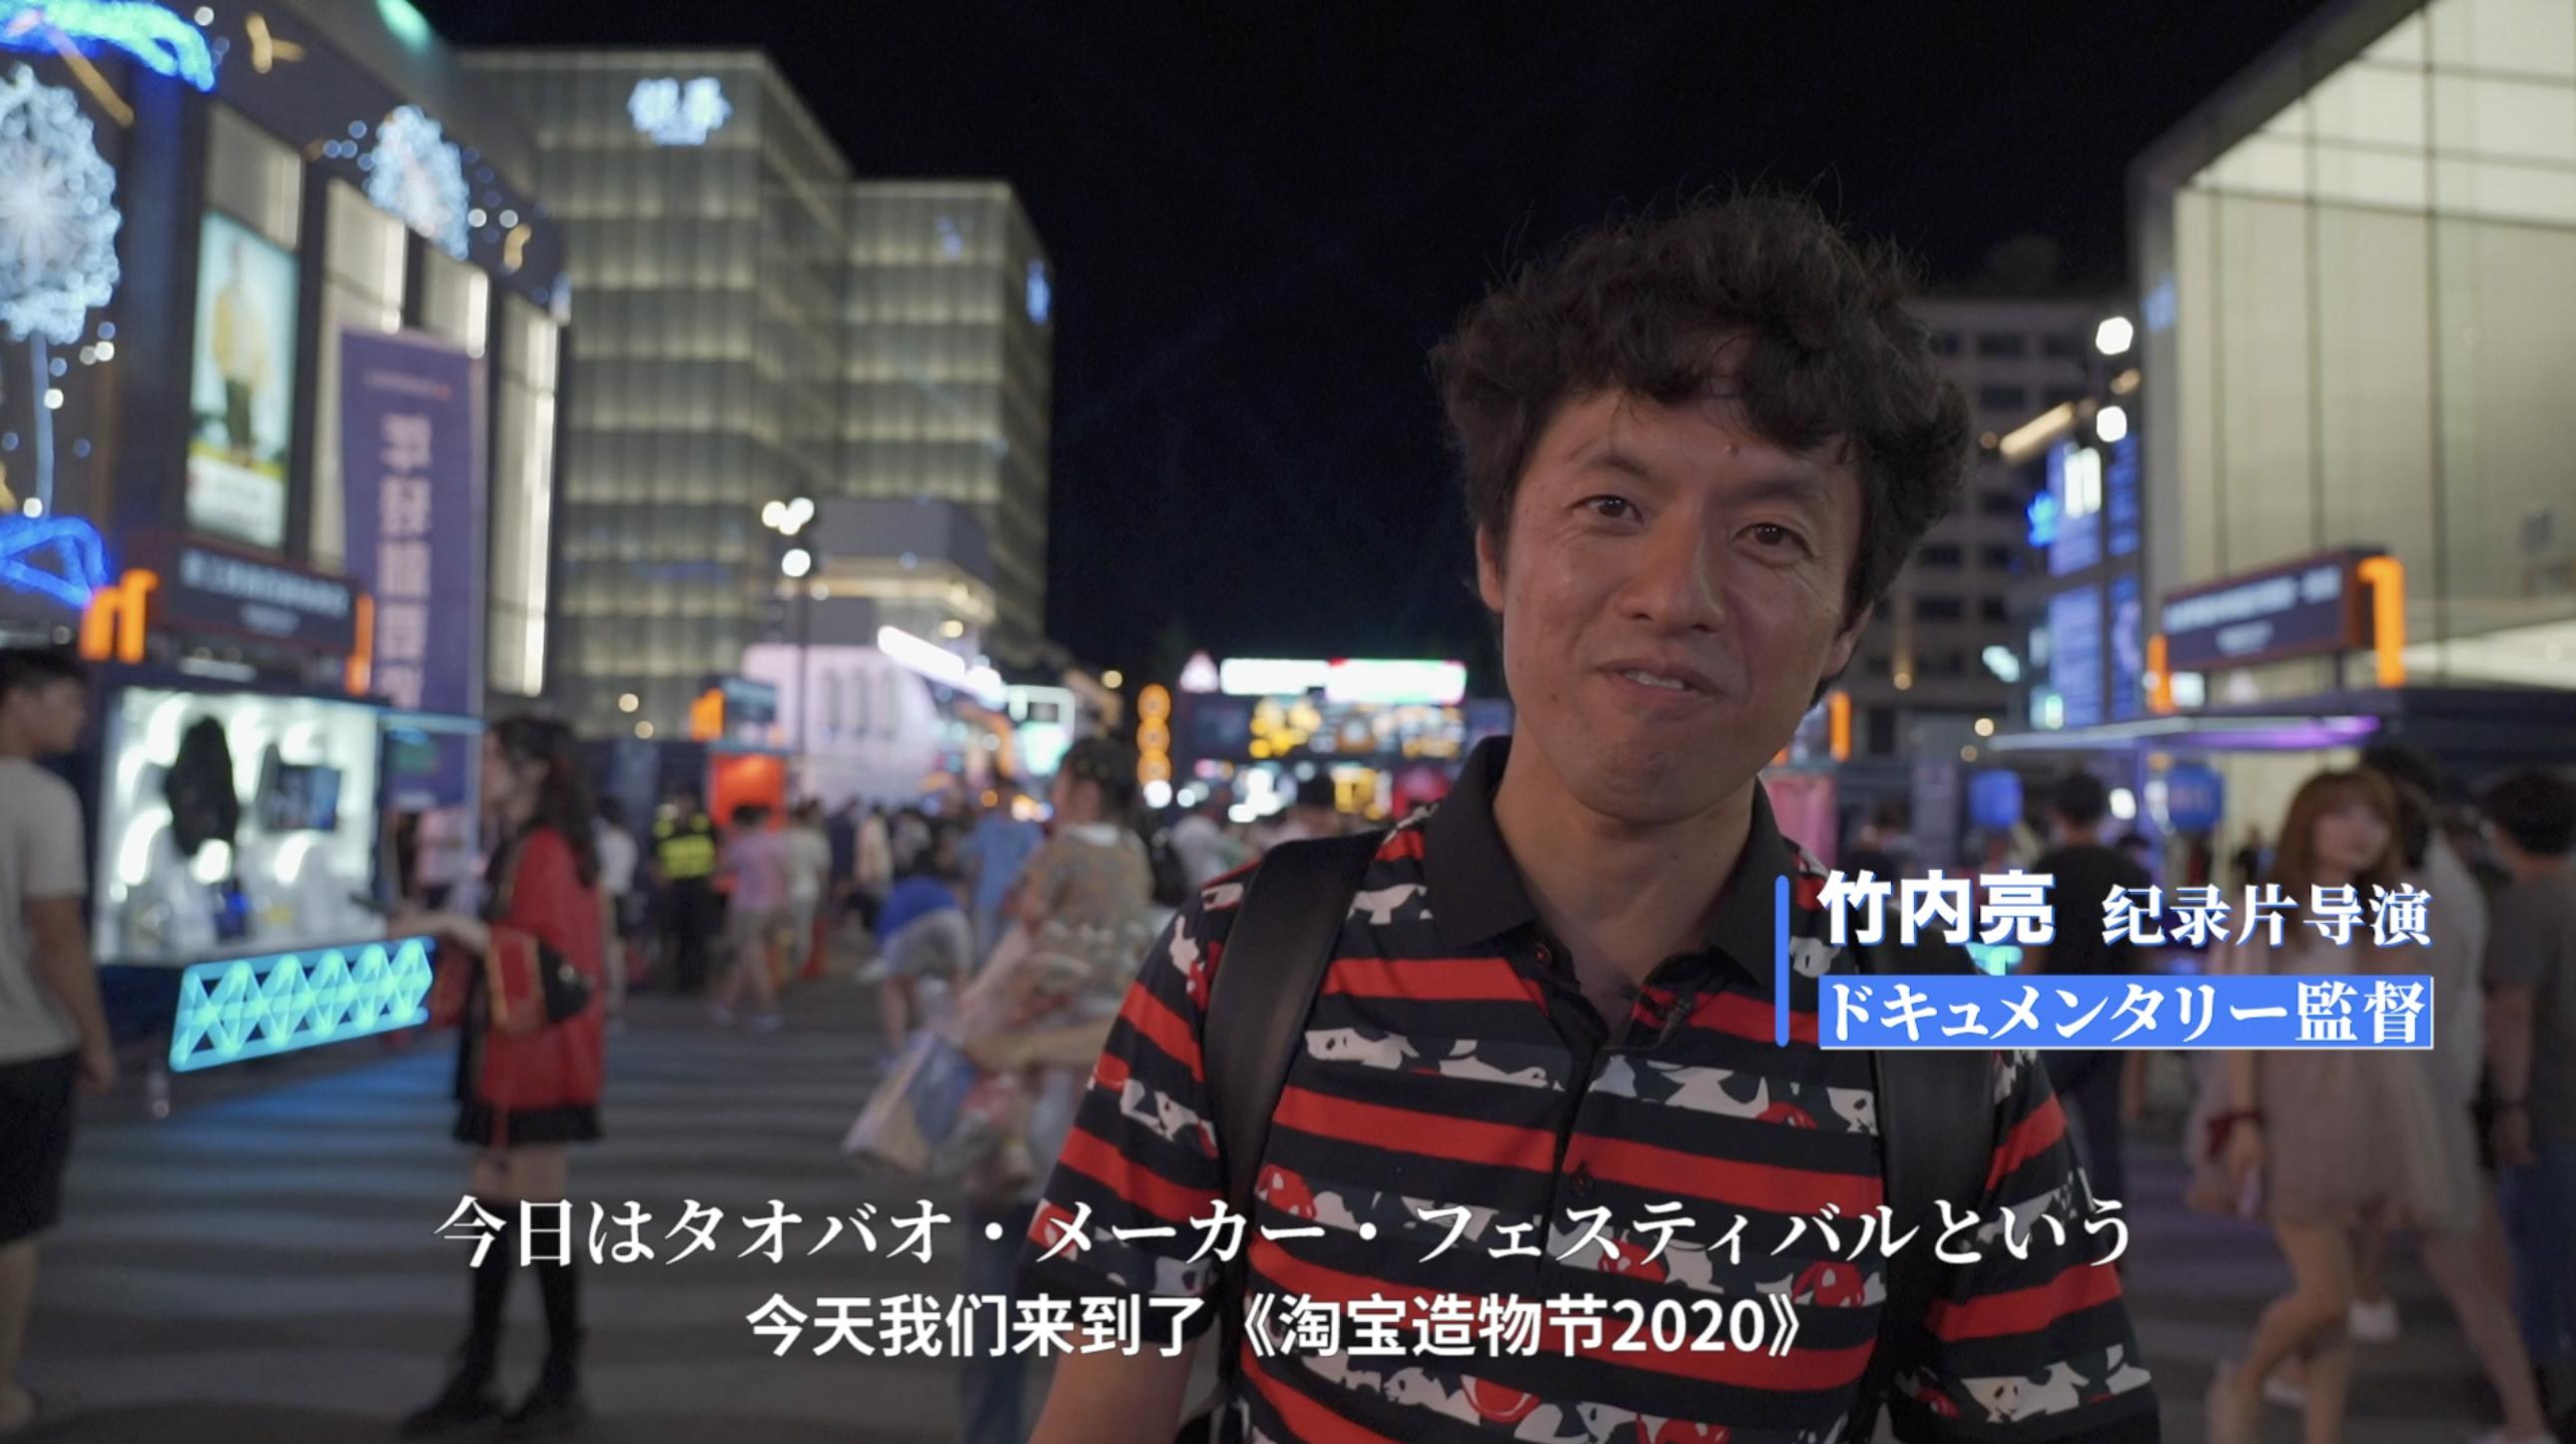 """【ドキュメンタリー】変わる中国""""商売人DNA"""" ~ お金より「好き」に動かされる中国新世代の起業家たち ~"""